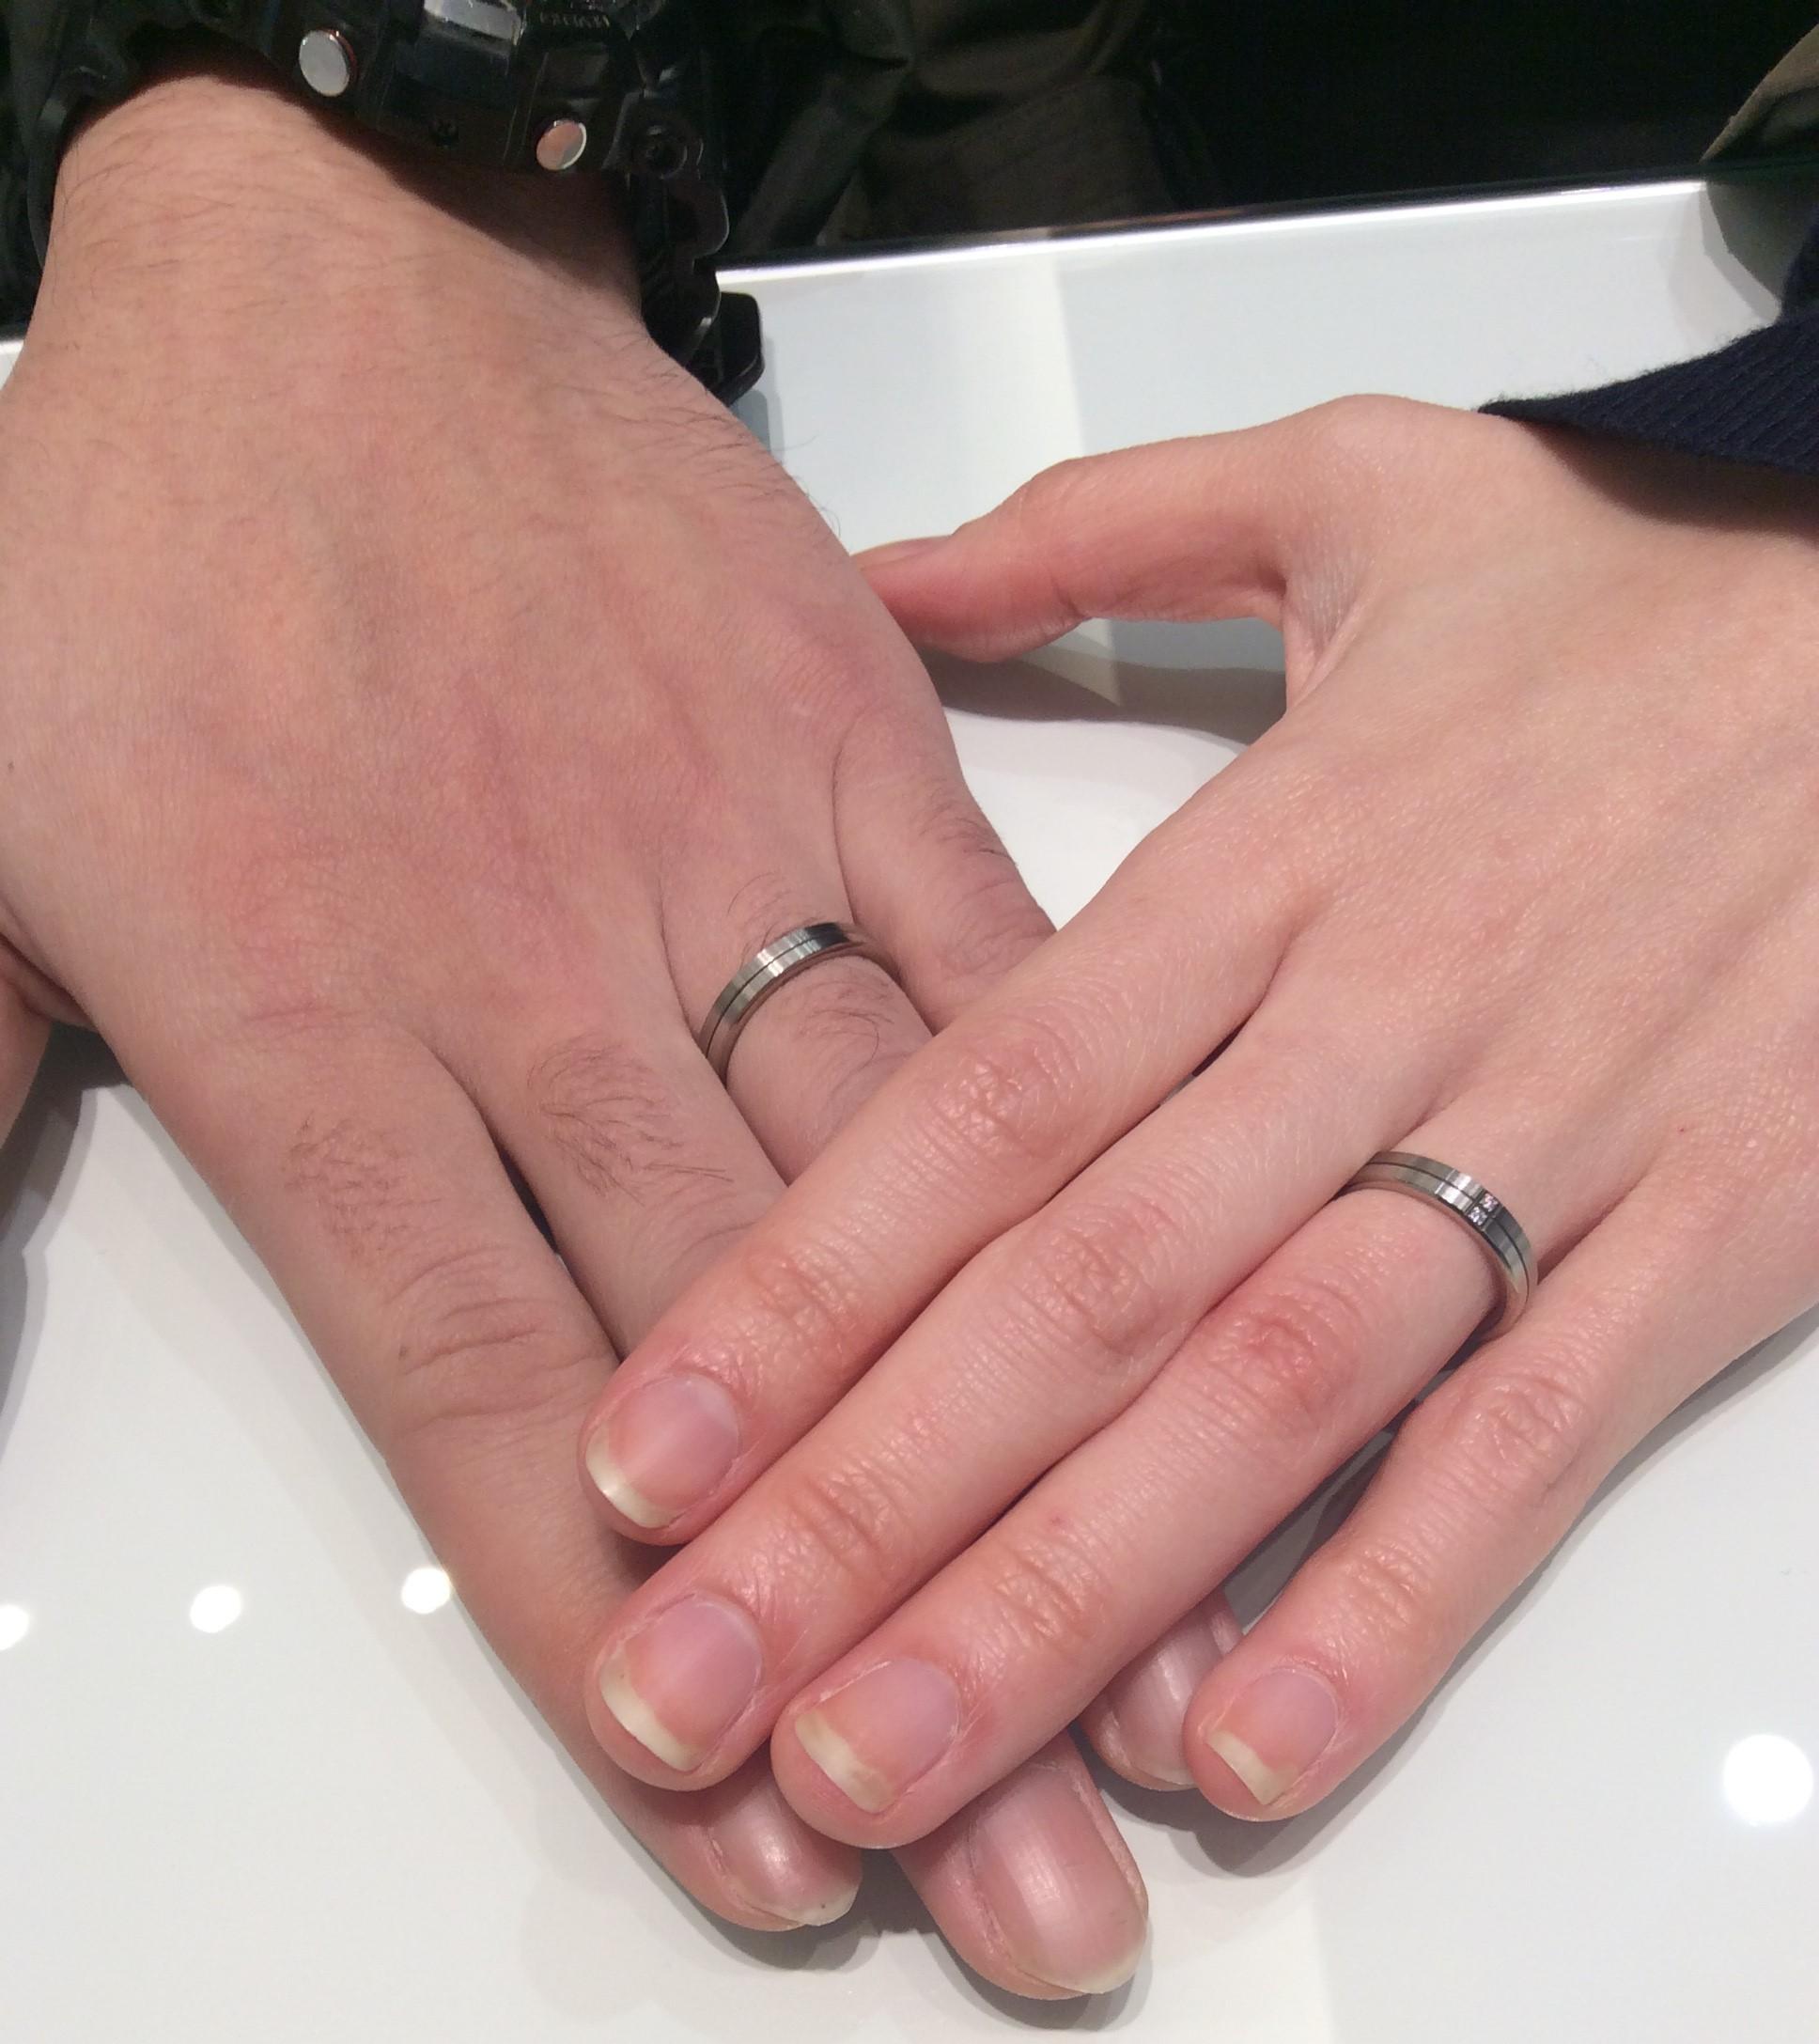 N.Y.NIWAKA(ニューヨークニワカ)の 『ハーモニー』ご結婚指輪  (北海道・新潟市/A様ご夫婦様)